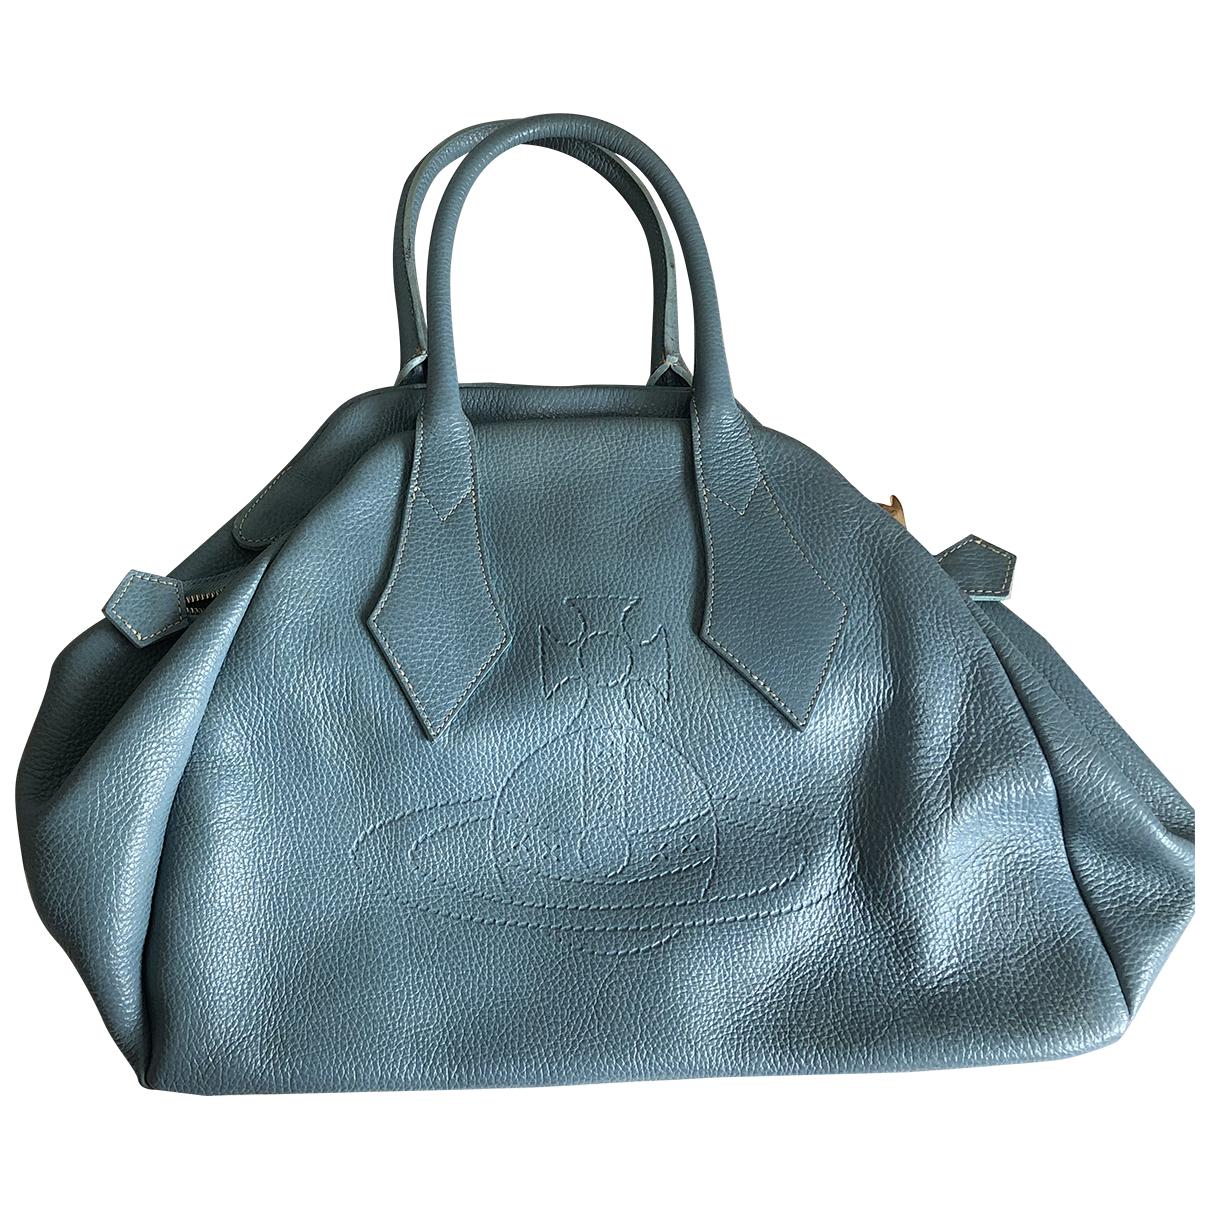 Vivienne Westwood \N Handtasche in  Blau Leder